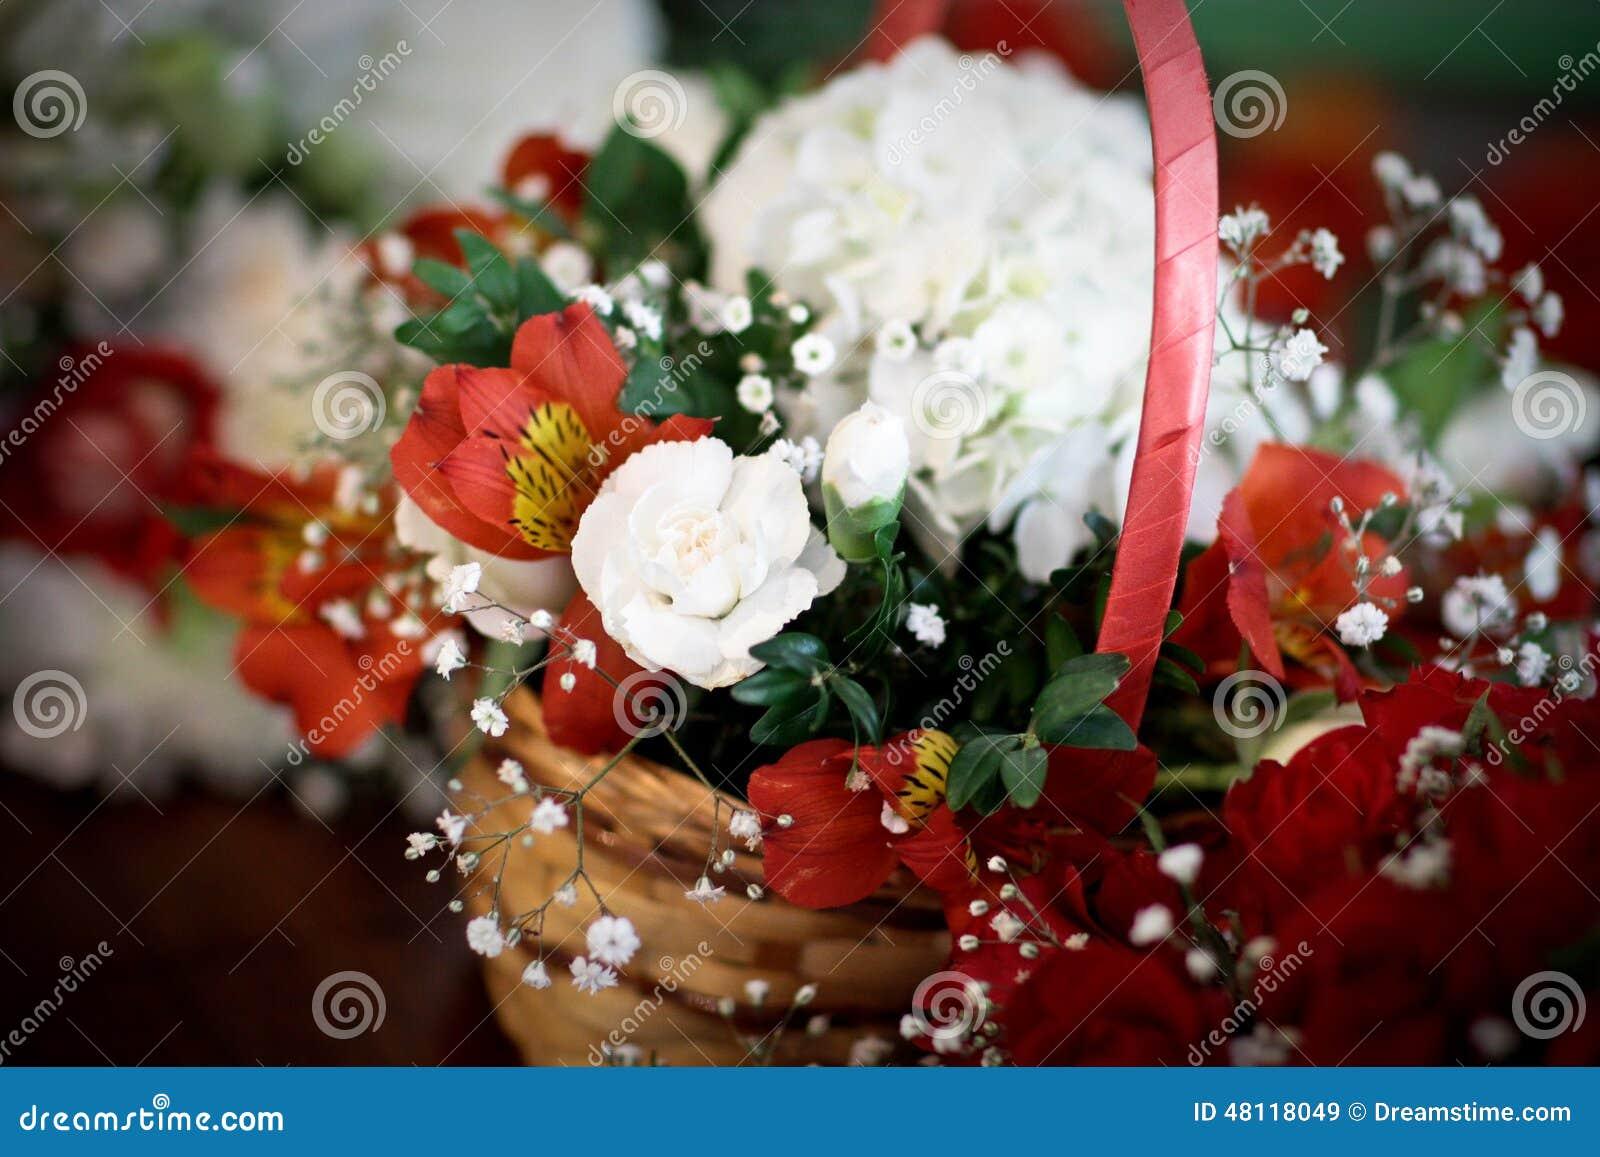 Ο γάμος ανθίζει flowergirl το καλάθι posie των κόκκινων και άσπρων λουλουδιών